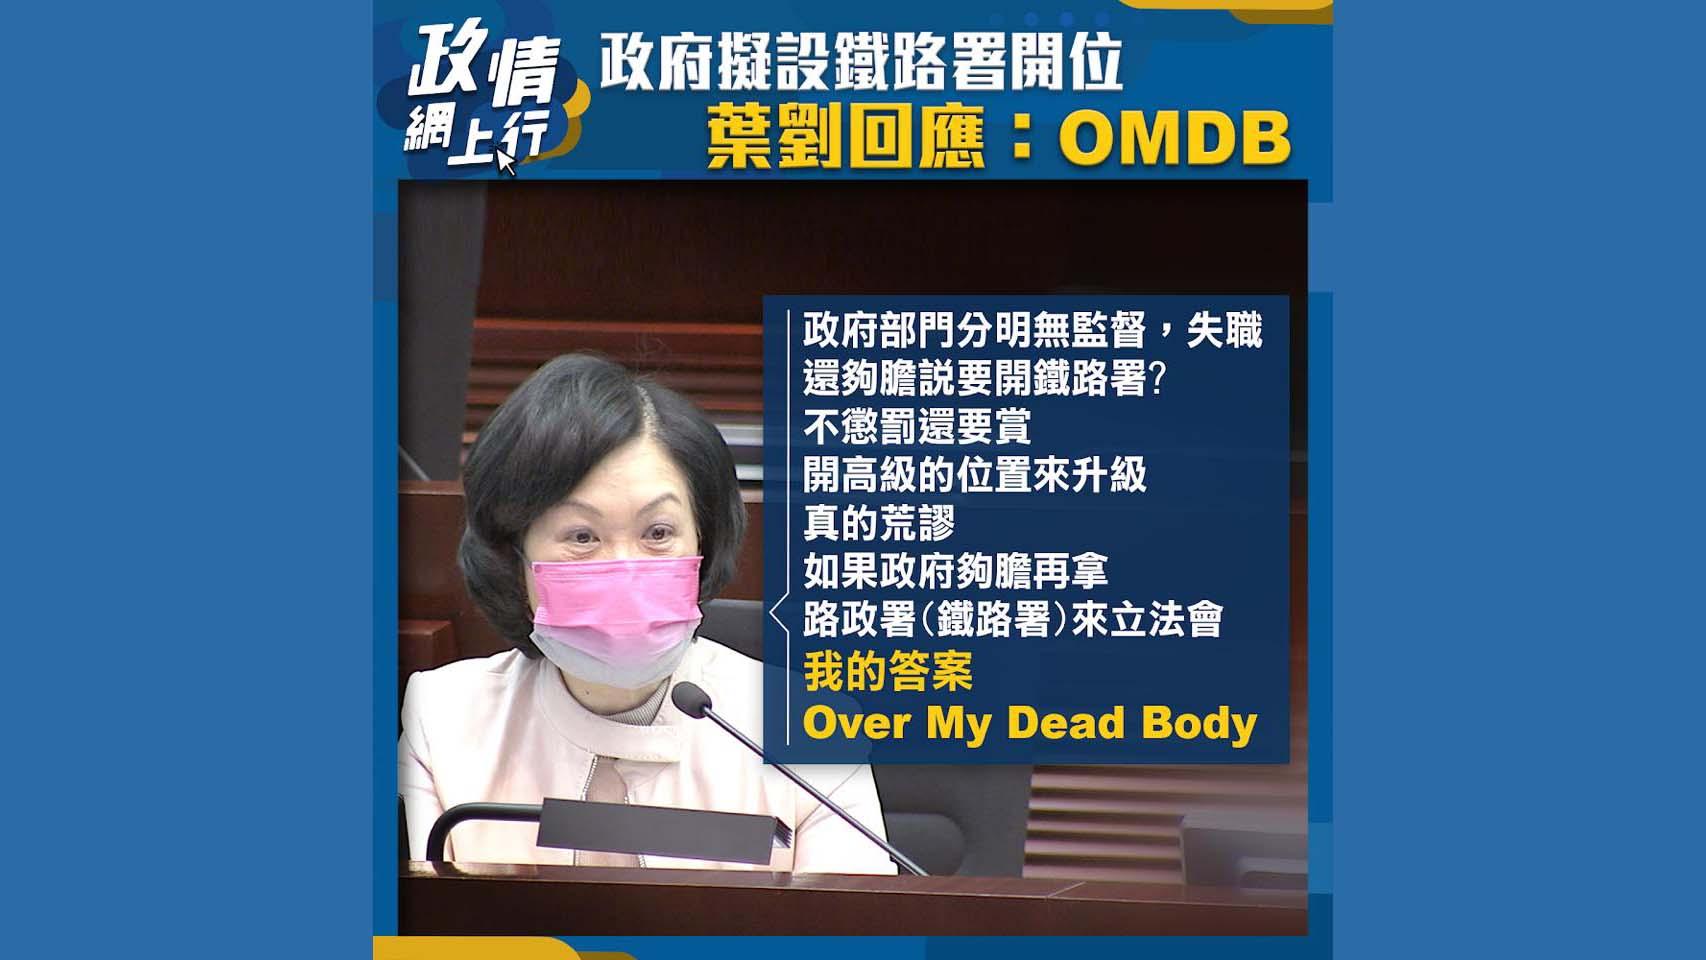 【政情網上行】政府擬設鐵路署開位 葉劉回應:OMDB